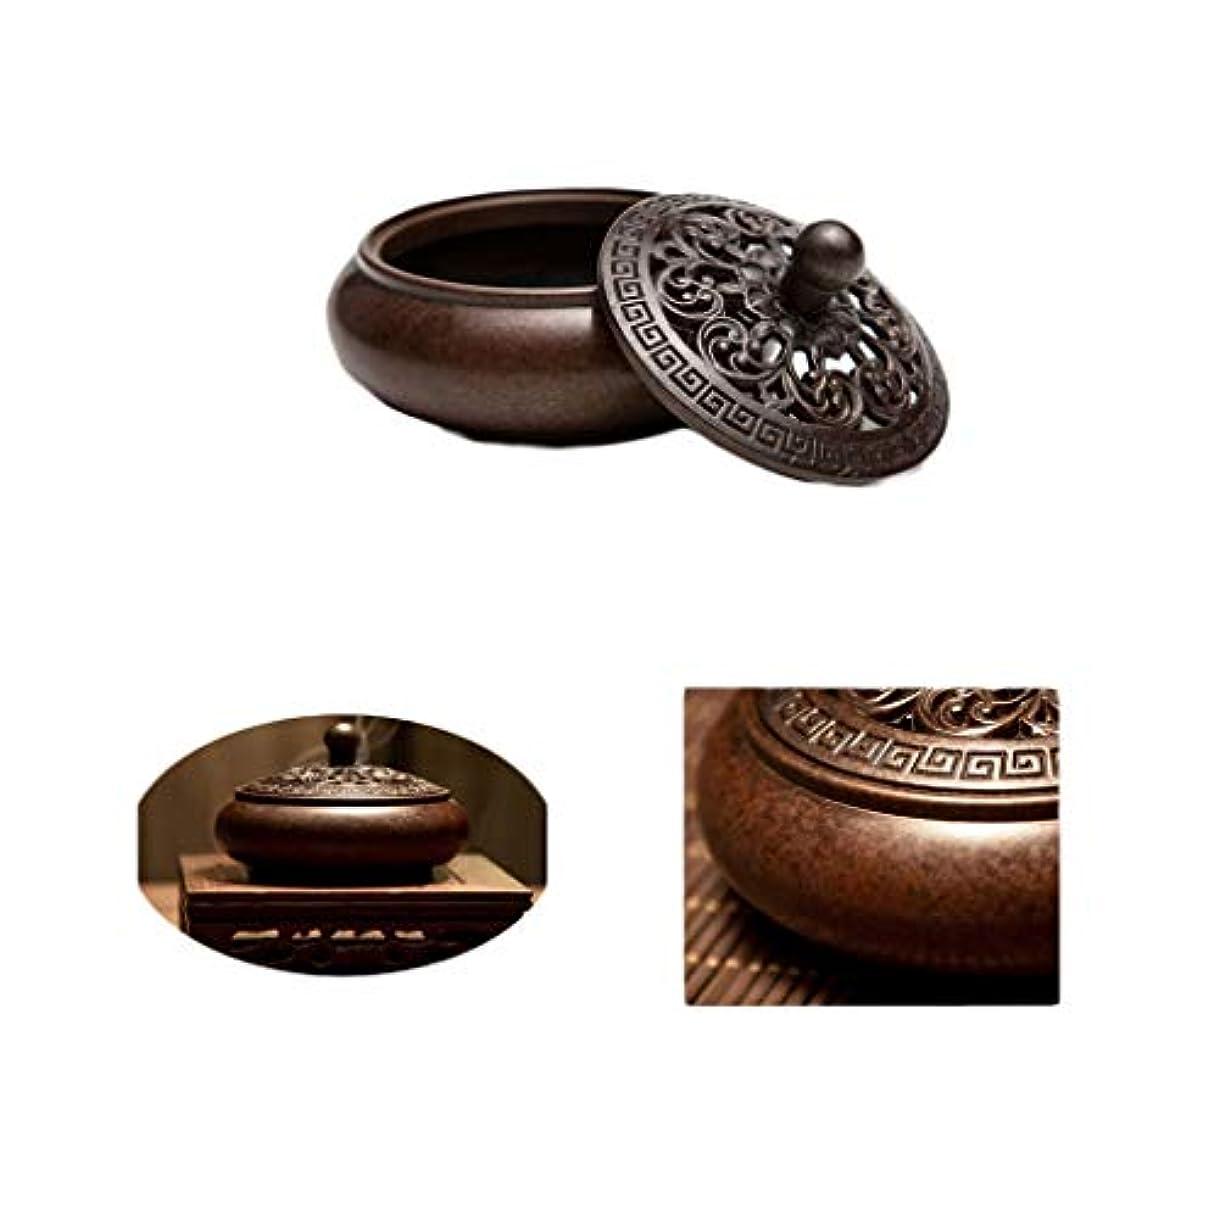 スナッチ適合する市民ホームアロマバーナー 純銅香炉アンティーク香炉吉祥香炉手作り香炉 アロマバーナー (Color : Brass)